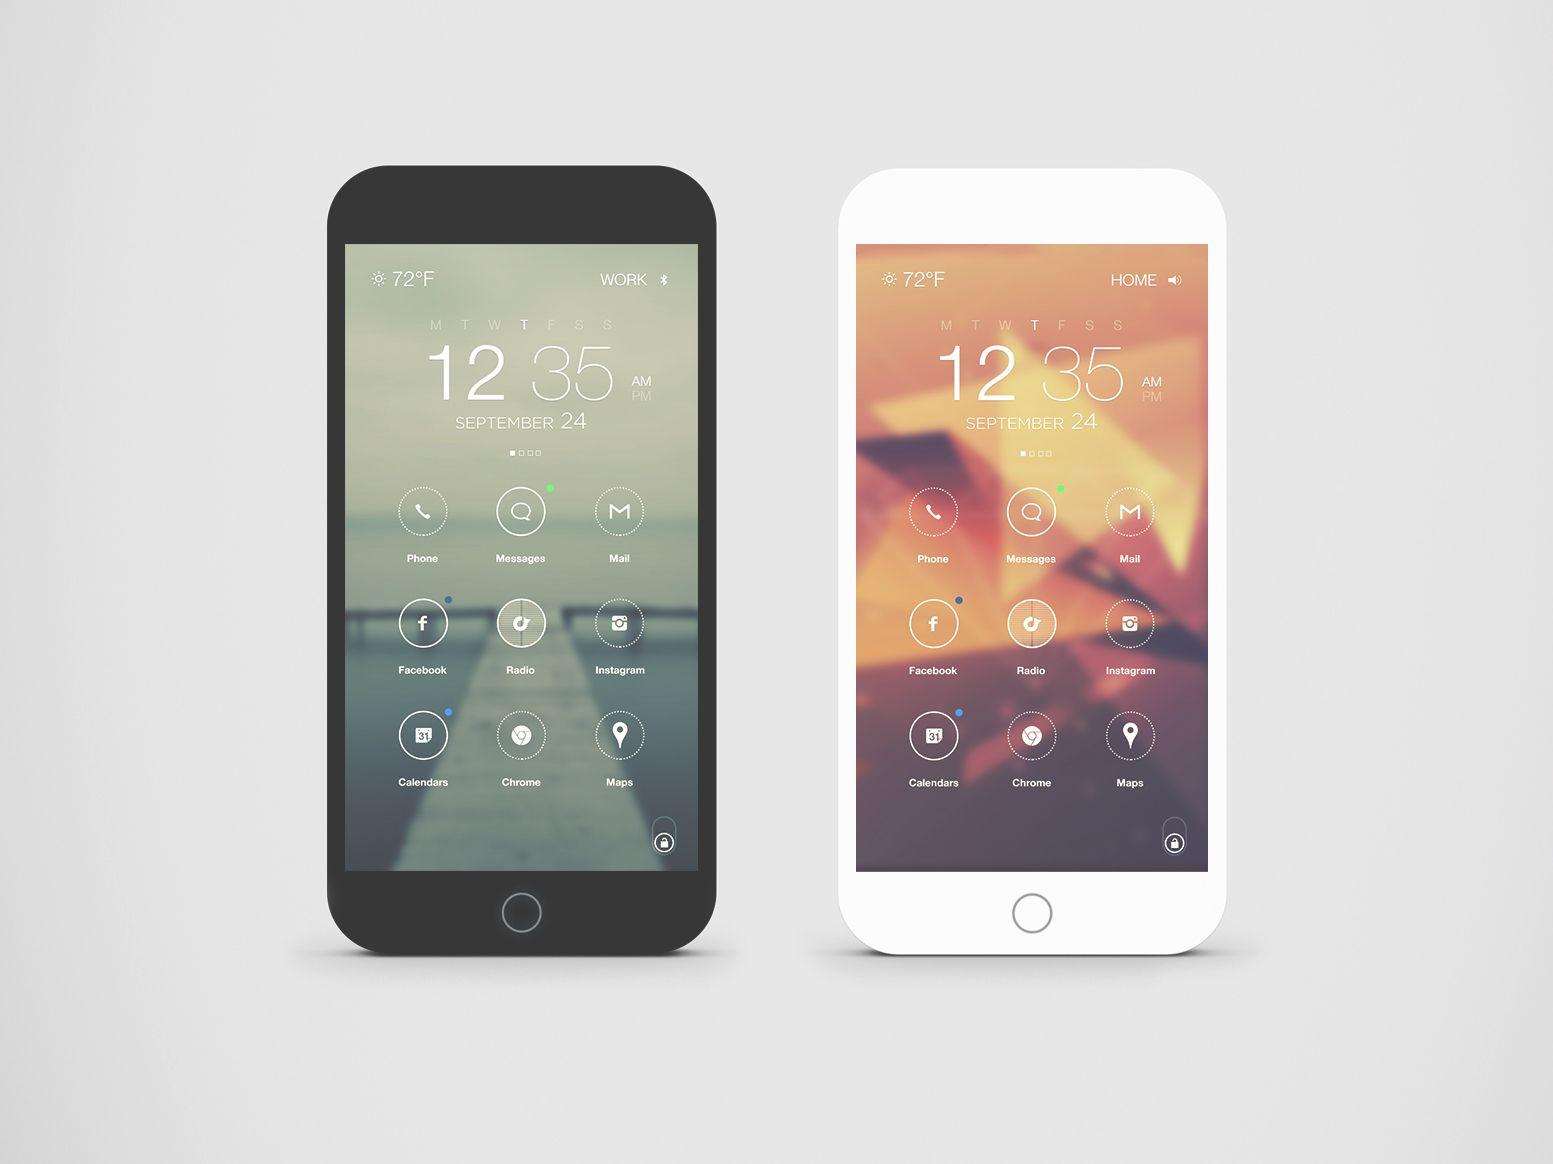 Clean iPhone OS Design by Jordi Verdu